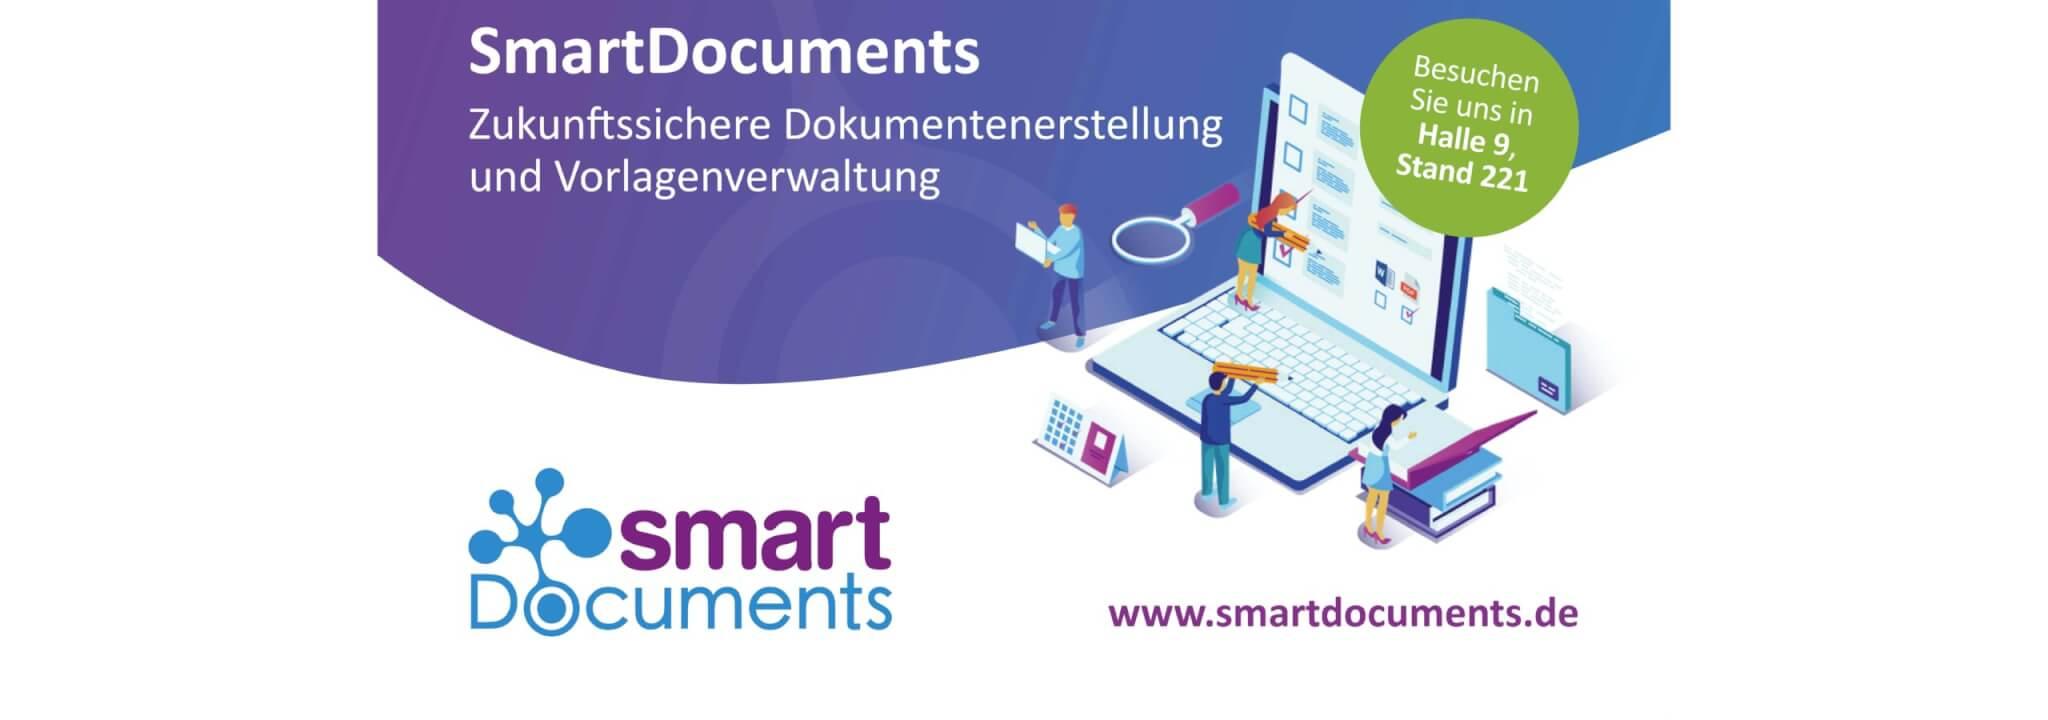 Kommunale 2021 SmartDocuments DE